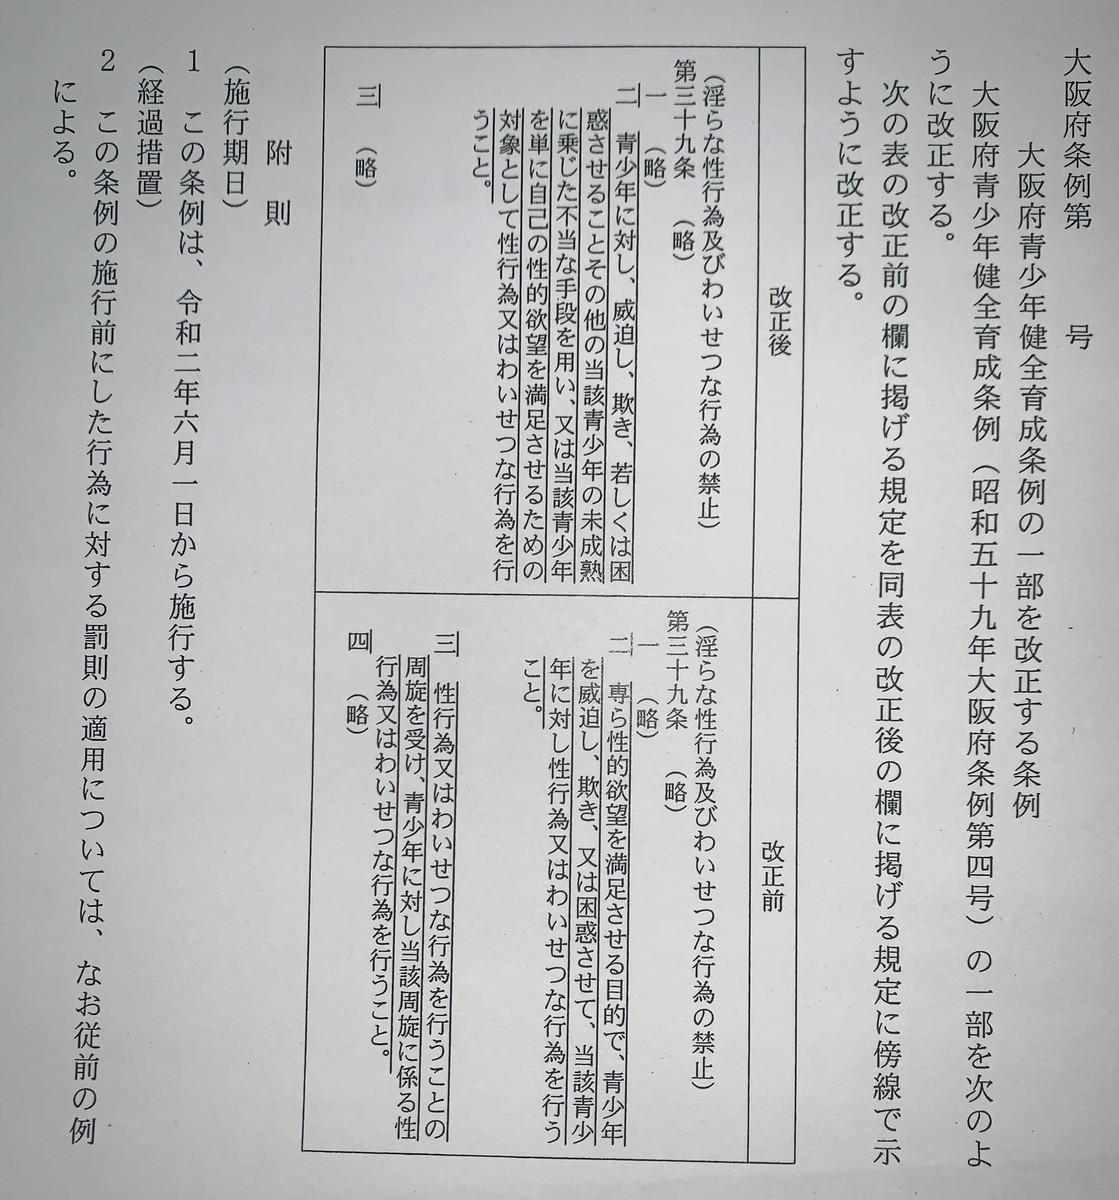 f:id:okumuraosaka:20200305114439j:plain